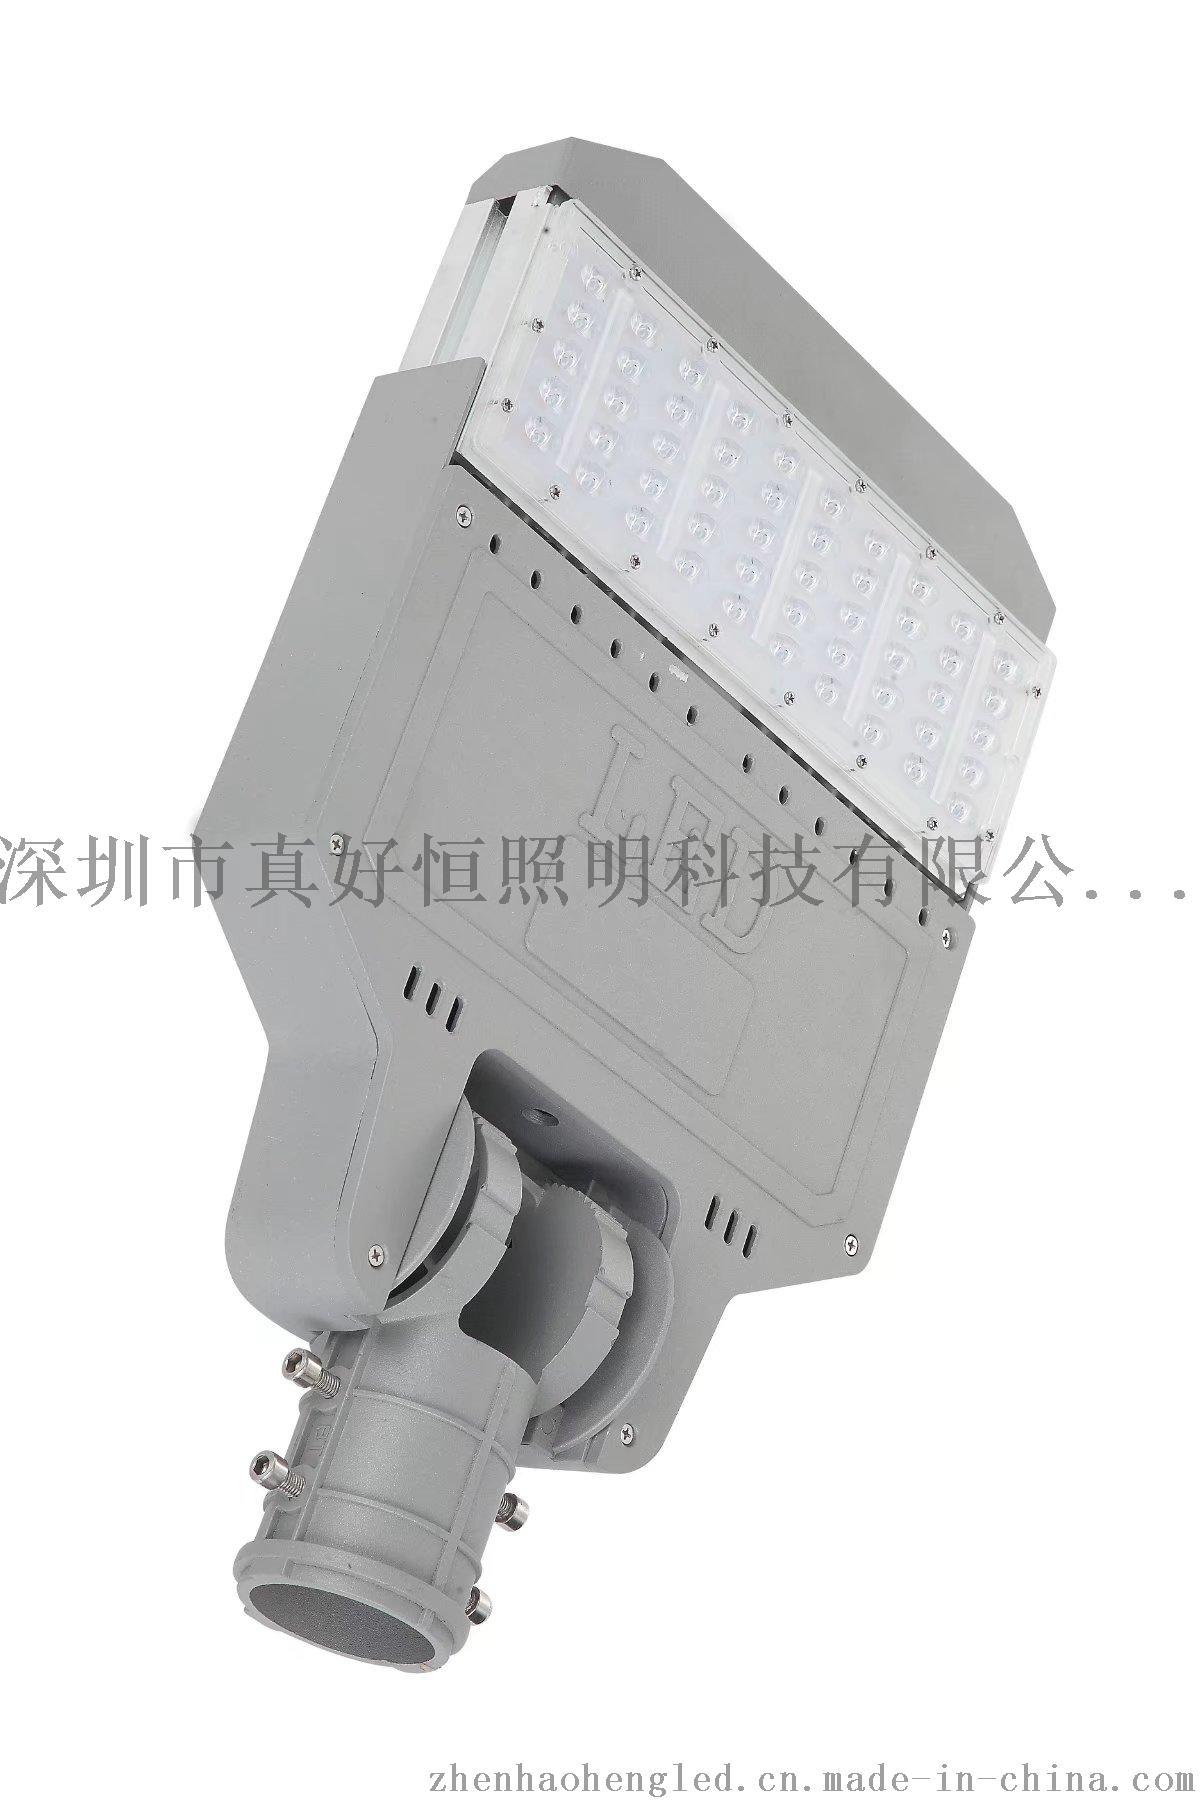 好恒照明LED路易之光模组路灯50 100 150 200W模组隧道灯 泛光灯 道路灯 球场灯 LED户外照明专家 厂家直销758123165